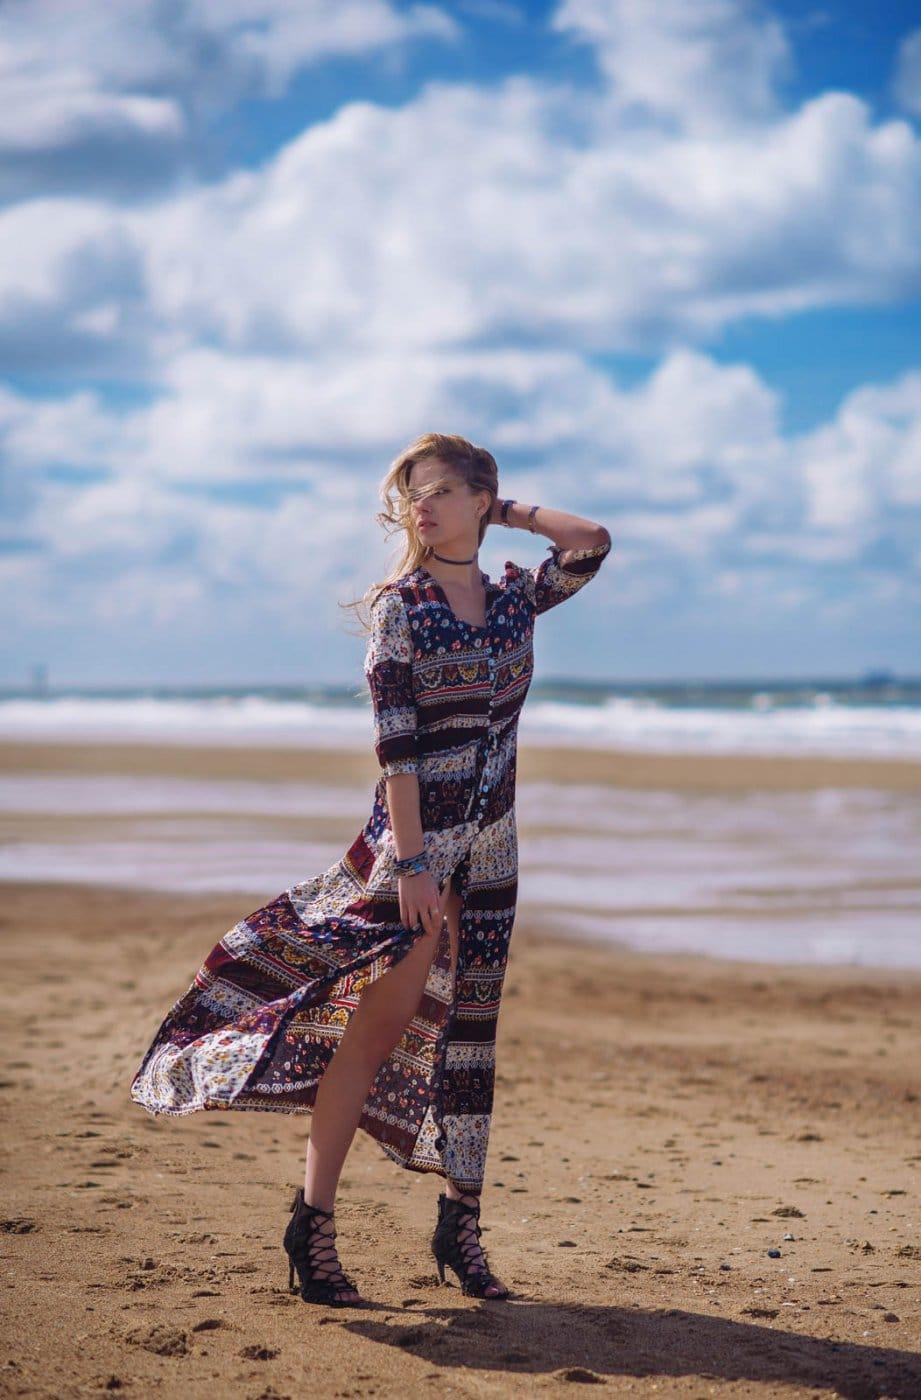 Fashion Portrait Photography By Anastasia Vervueren Beach